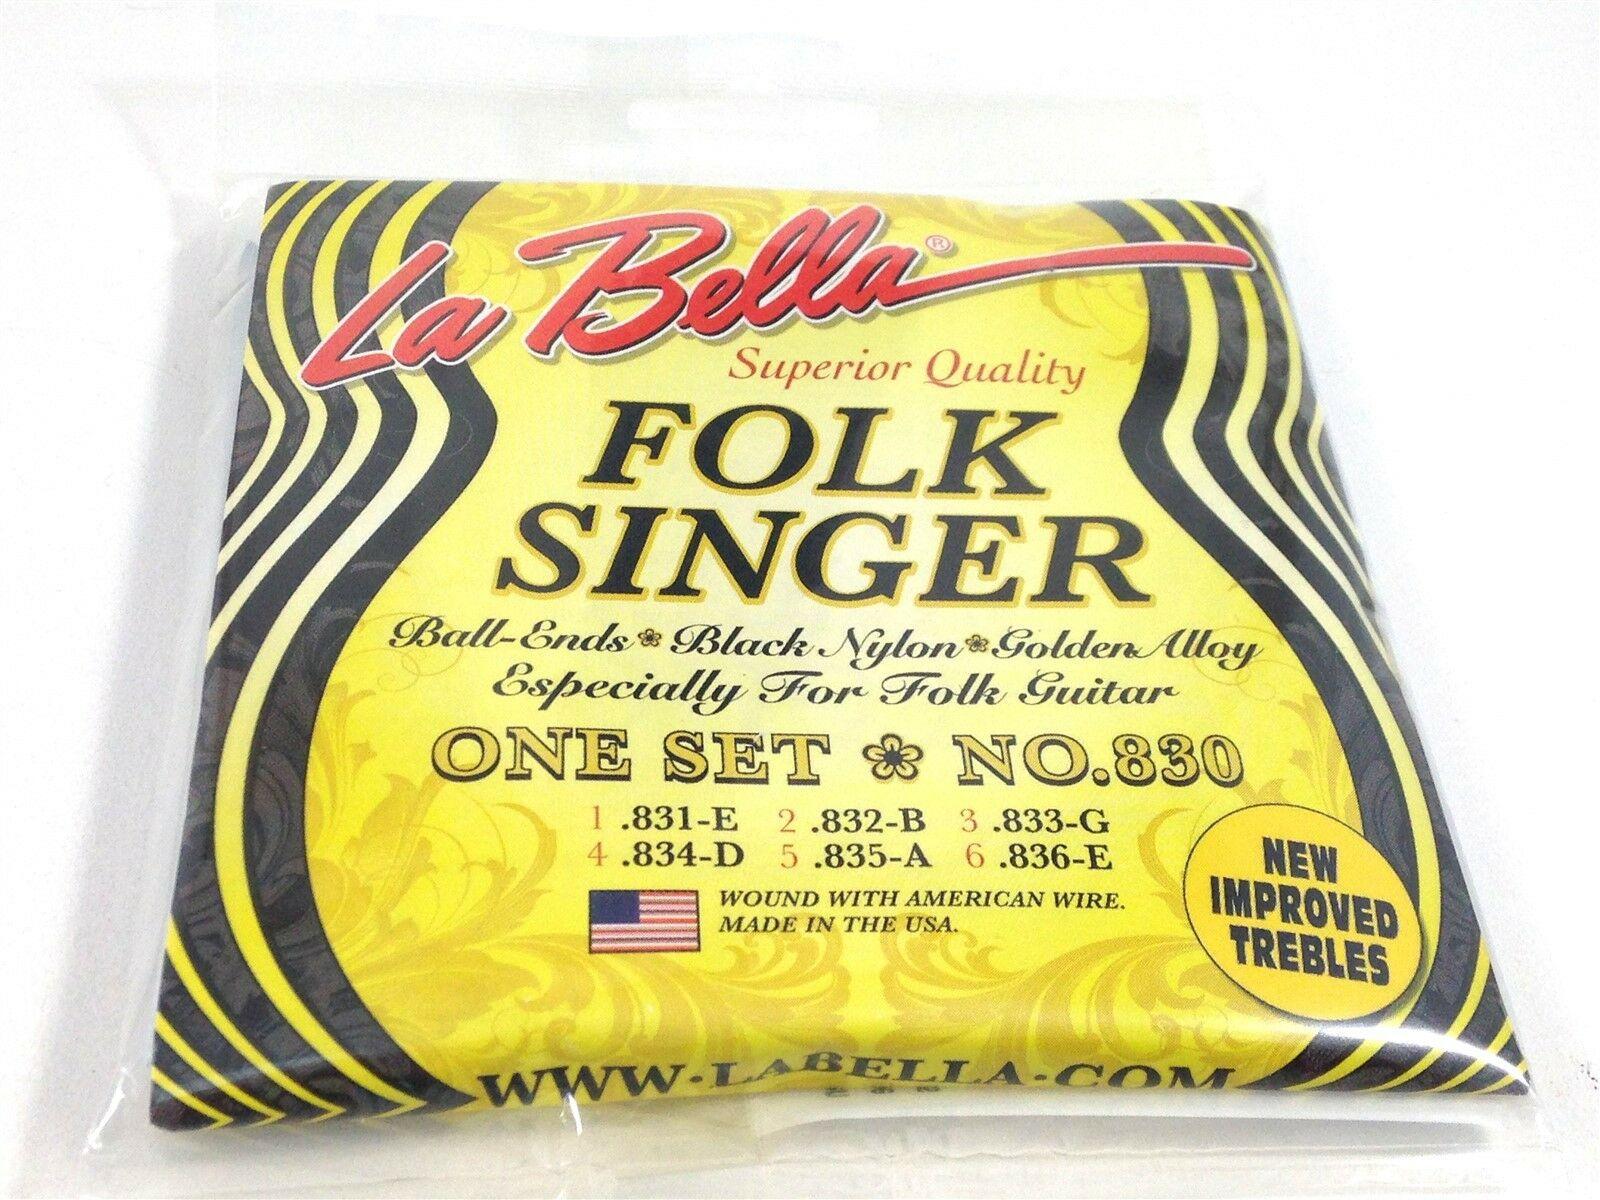 la bella guitar strings folk singer 830 ball end nylon for folk guitars. Black Bedroom Furniture Sets. Home Design Ideas